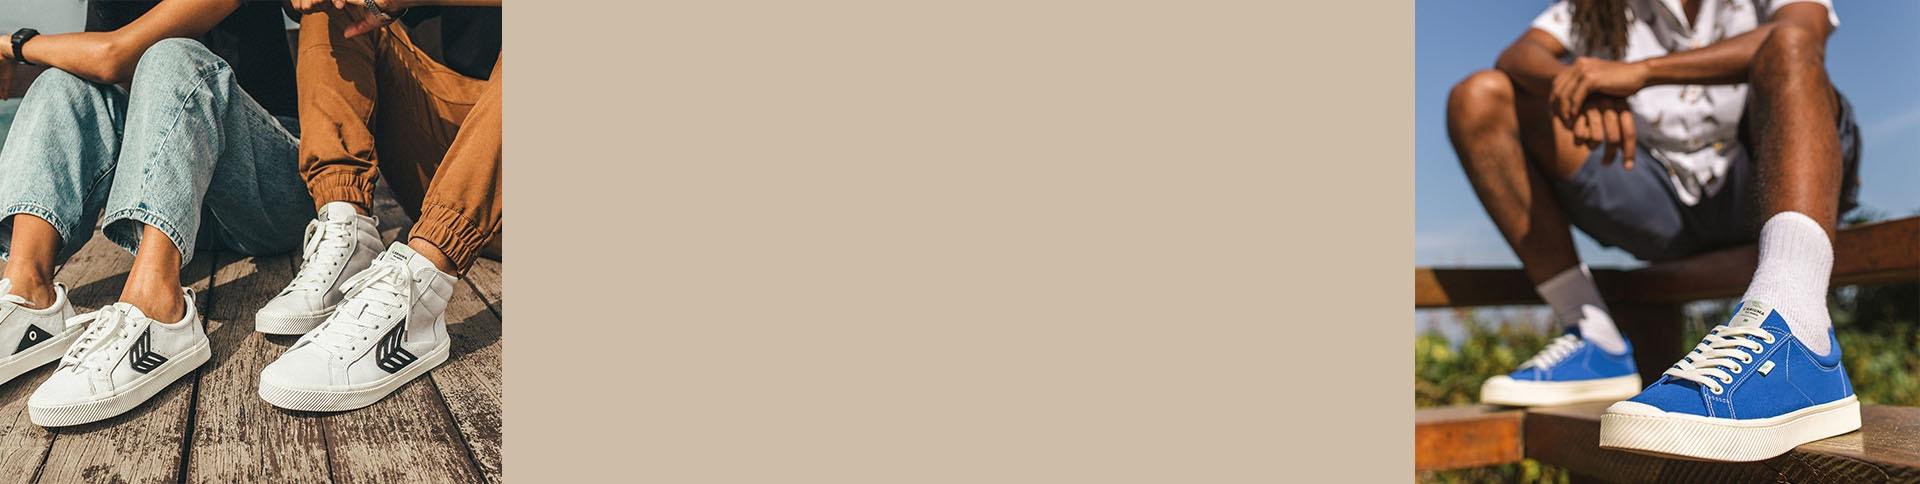 Iguatemi 365 - Cariuma